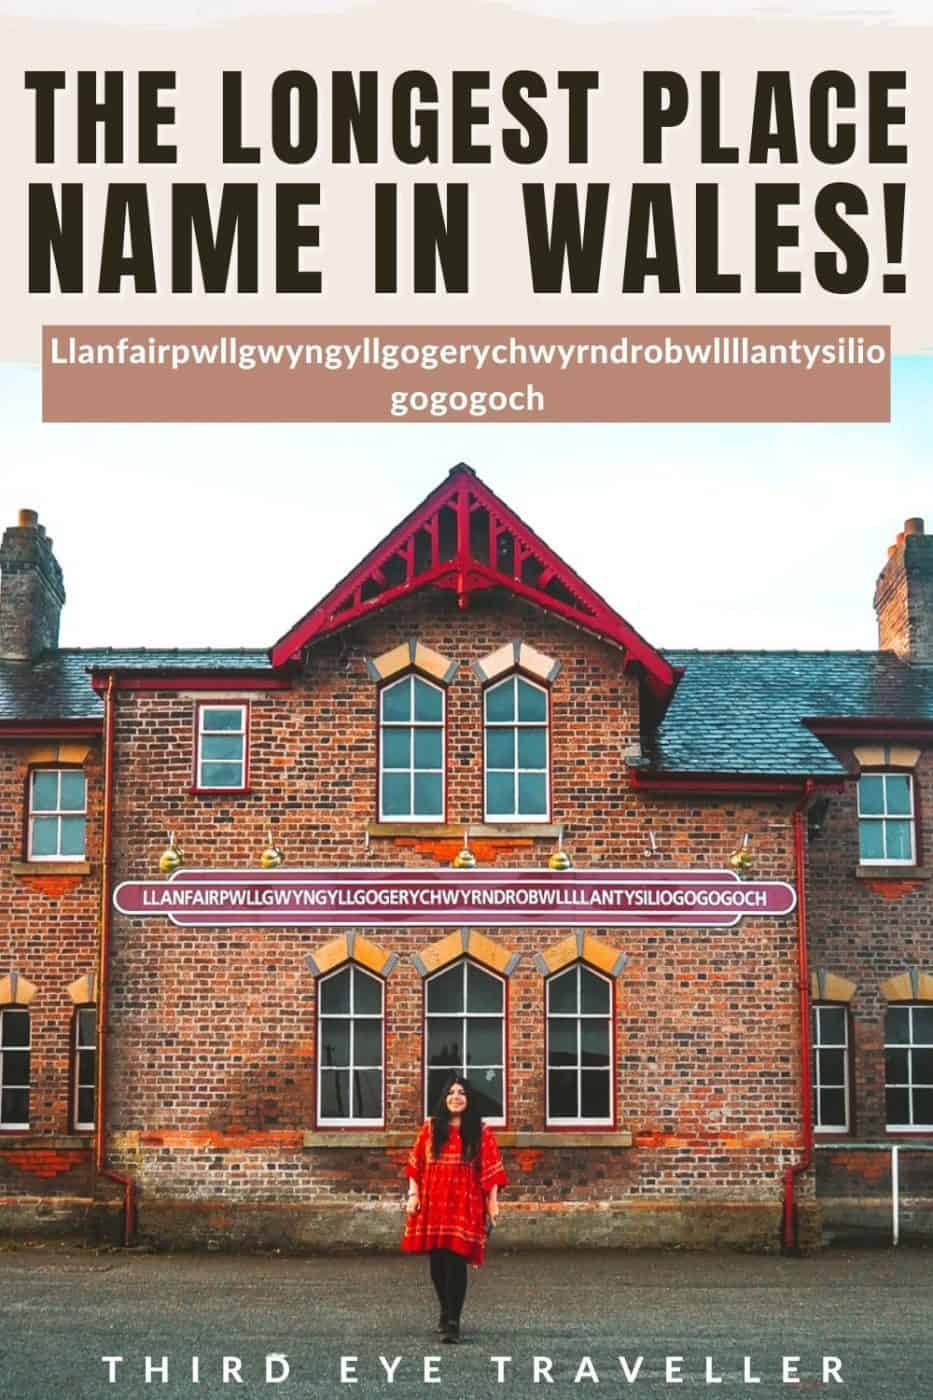 Longest Place Name in Wales Llanfair Anglesey Llanfairpwllgwyngyllgogerychwyrndrobwllllantysiliogogogoch